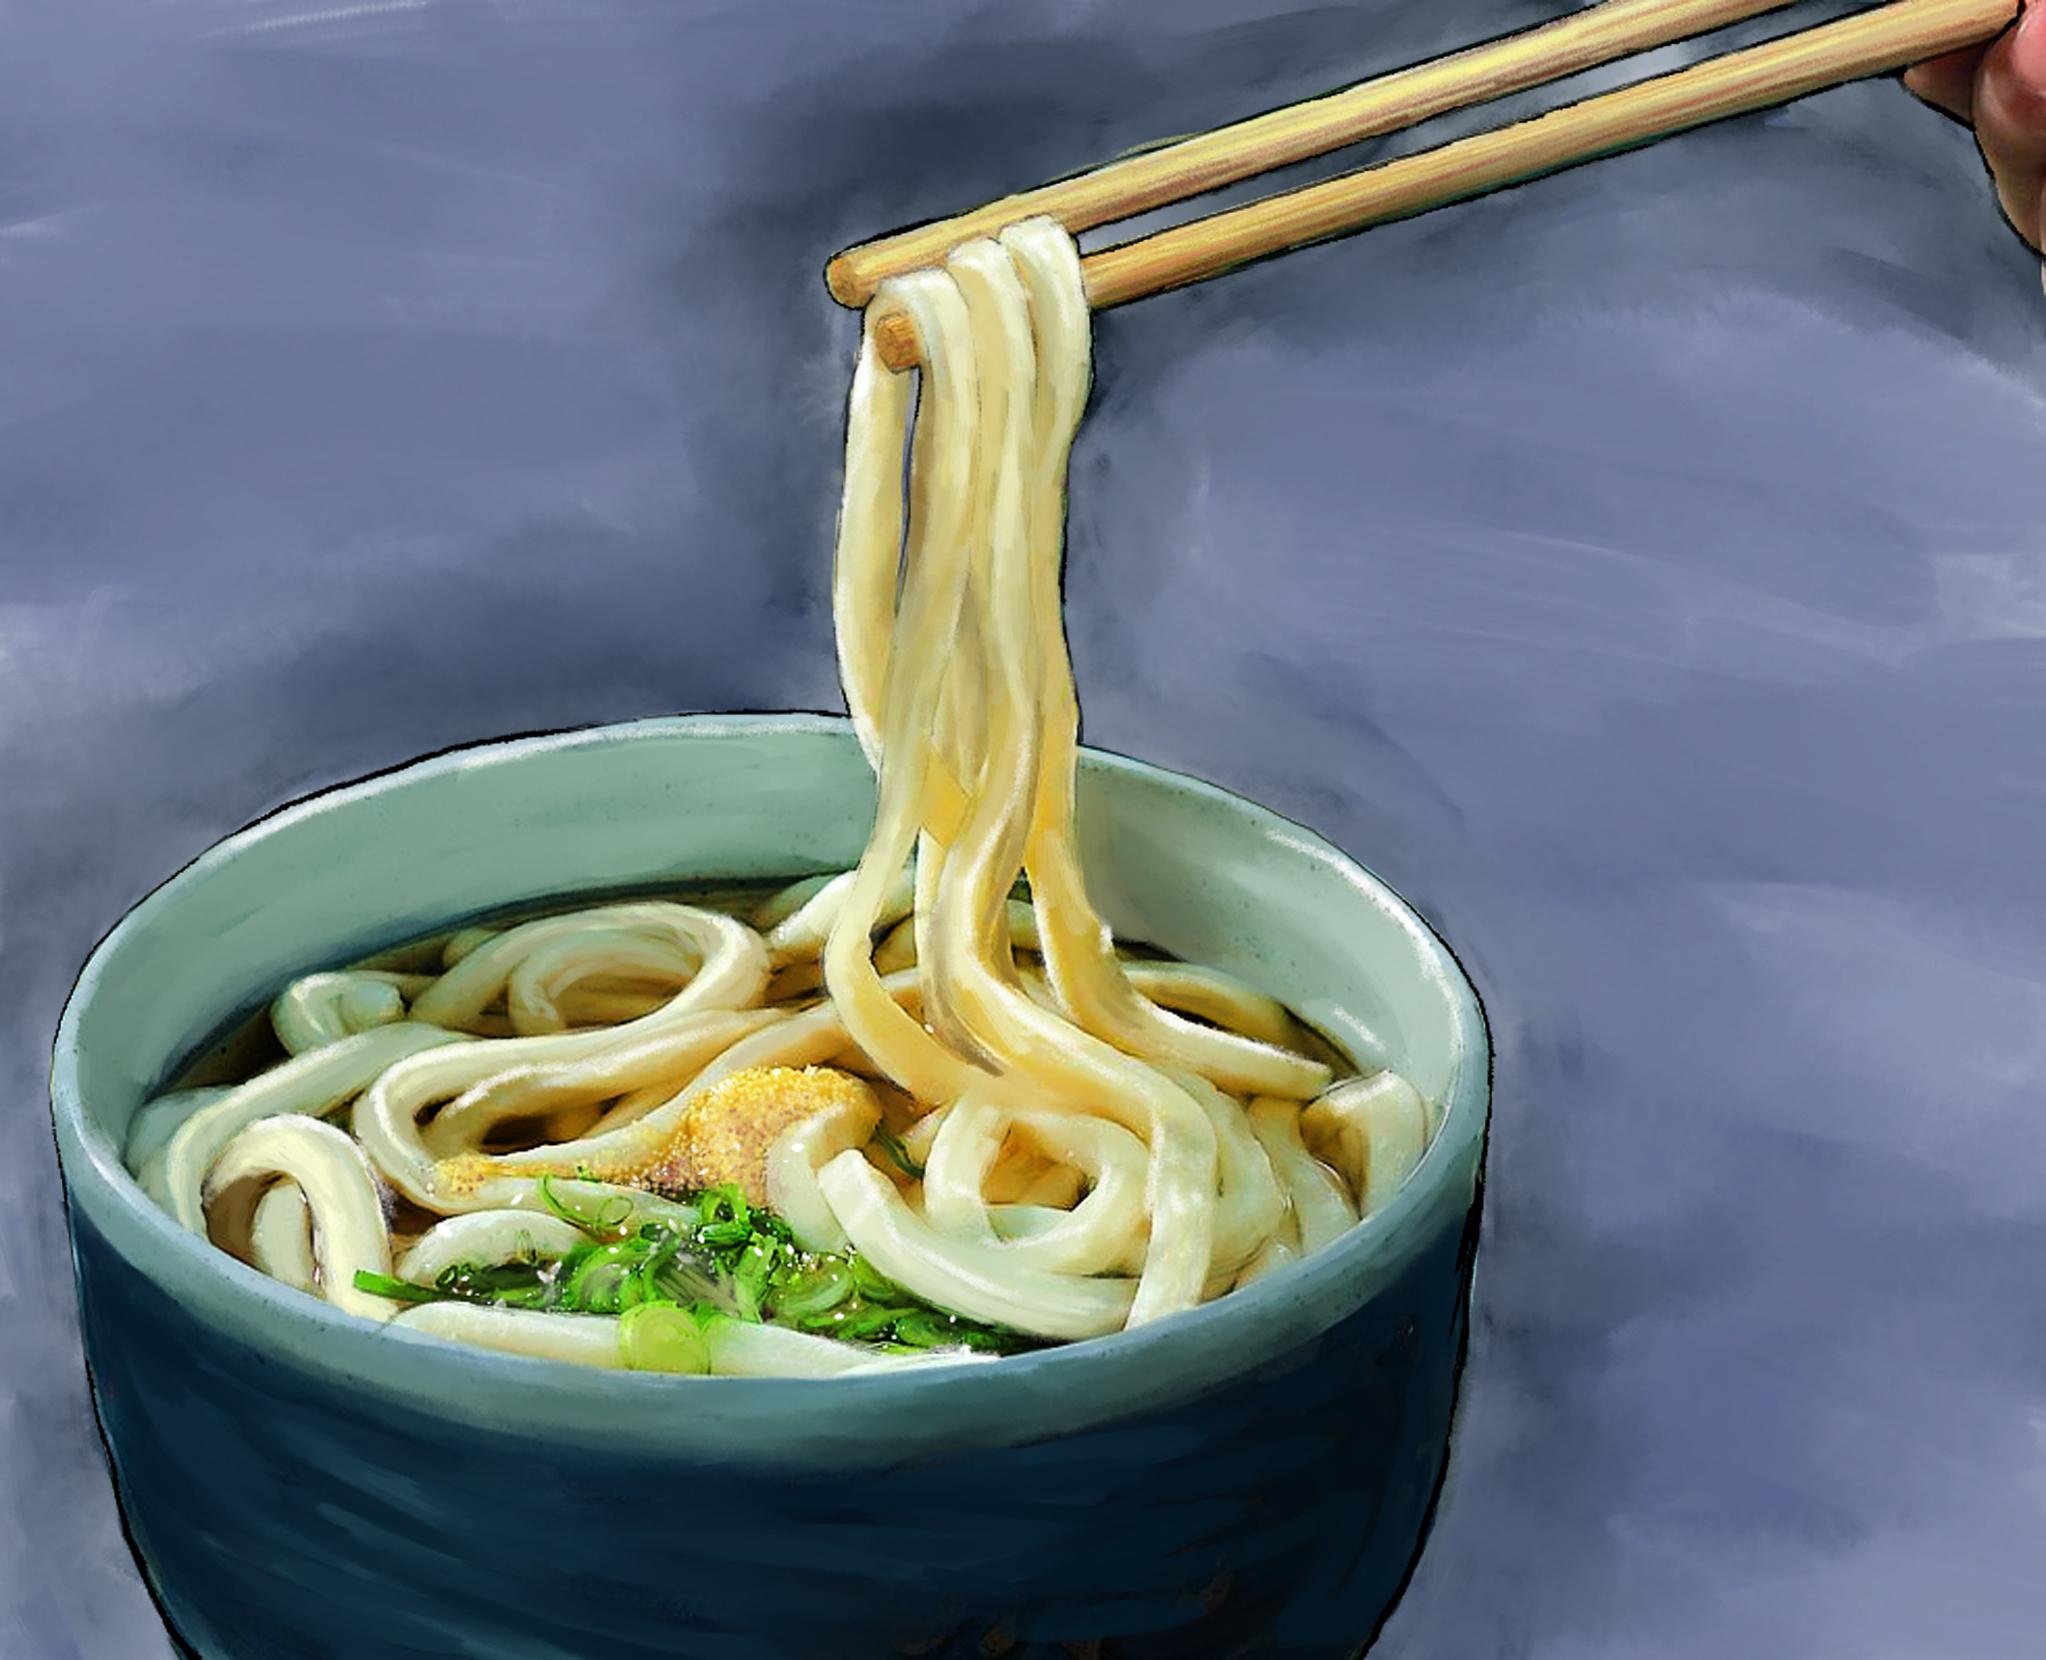 food-painting-hap-dan-day-me-hoac-16